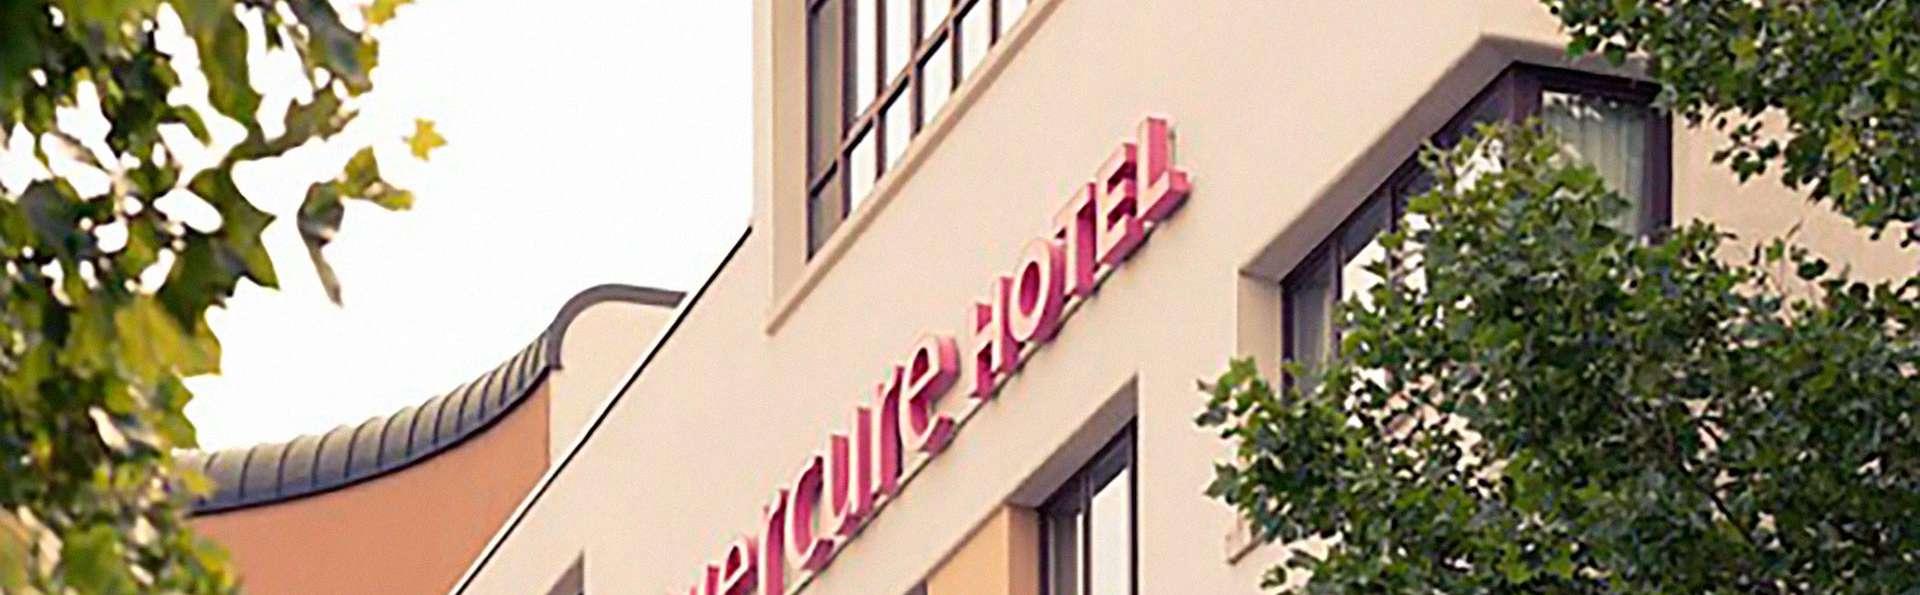 Mercure Hotel Offenburg am Messeplatz - EDIT_FRONT_04.jpg